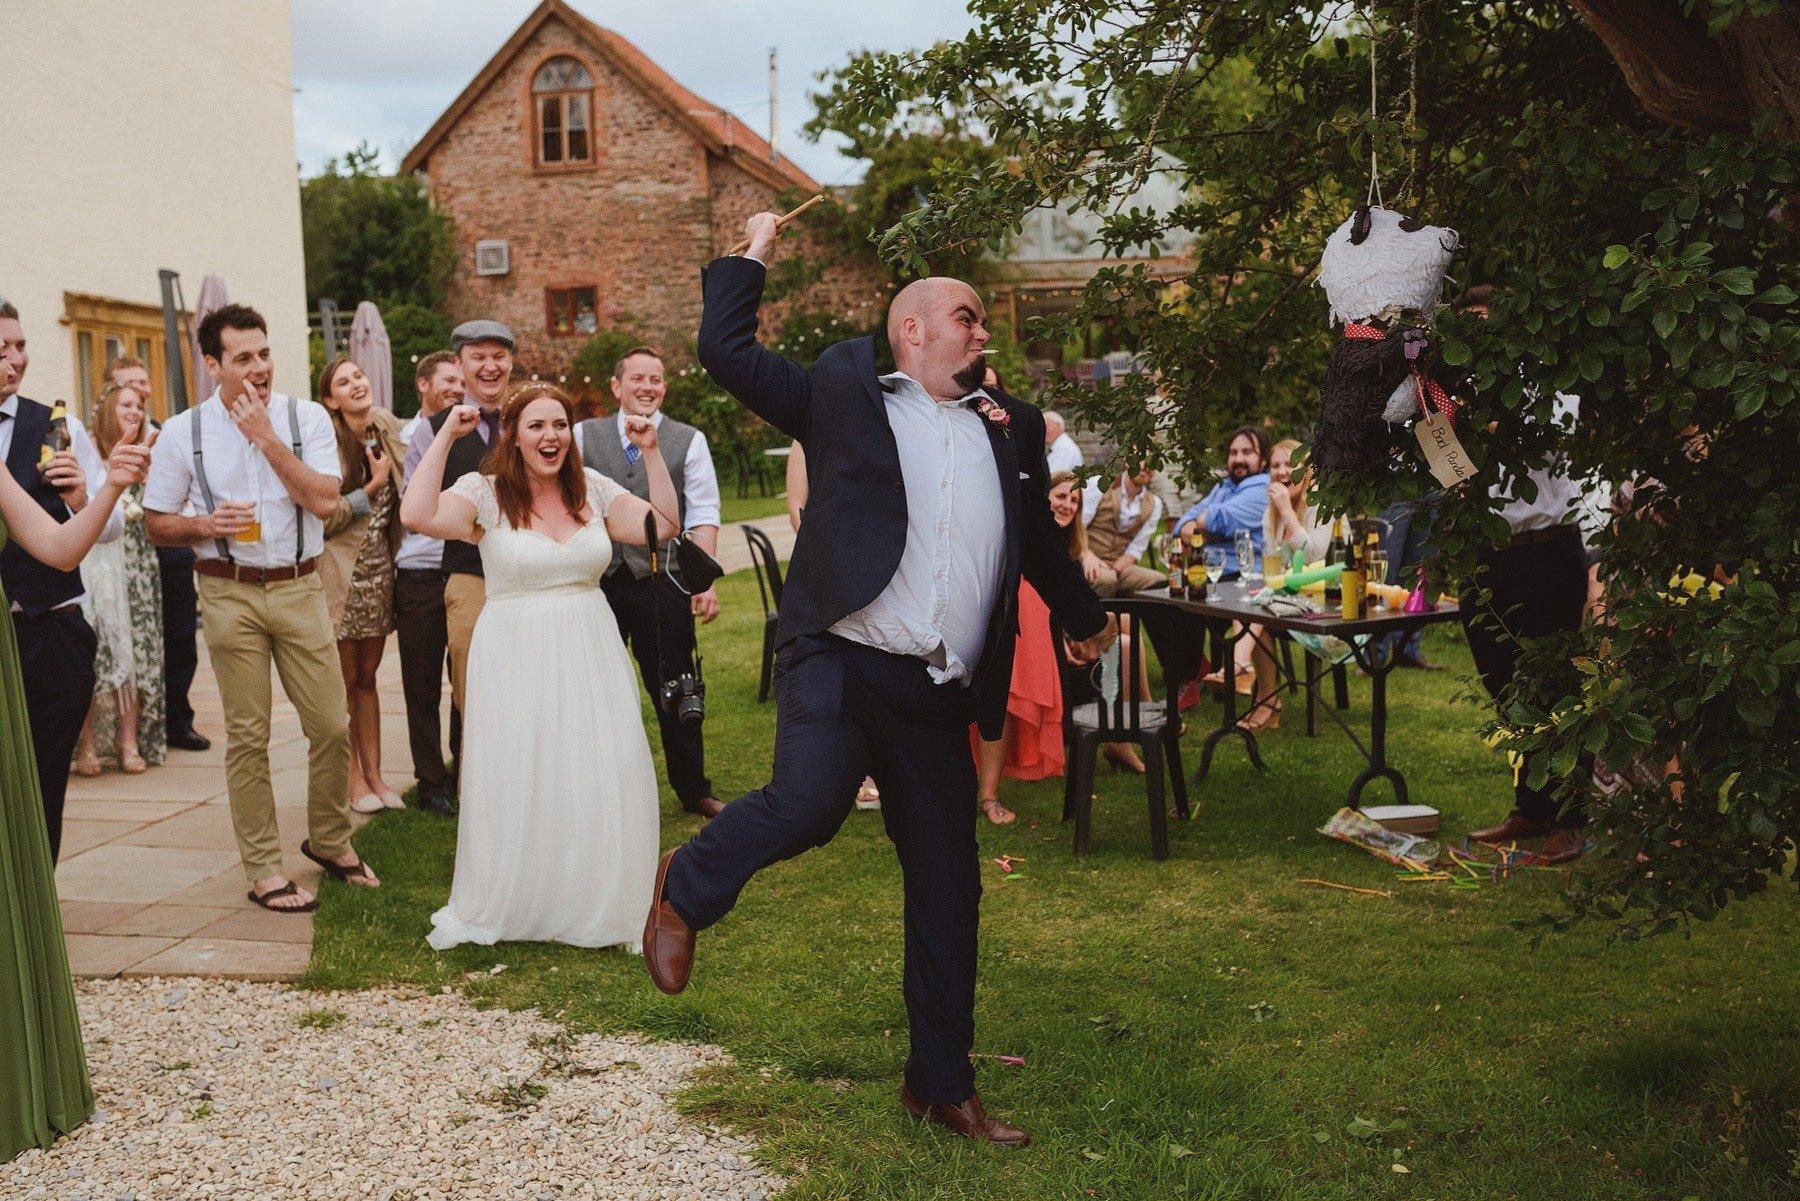 pinatas at weddings in the UK